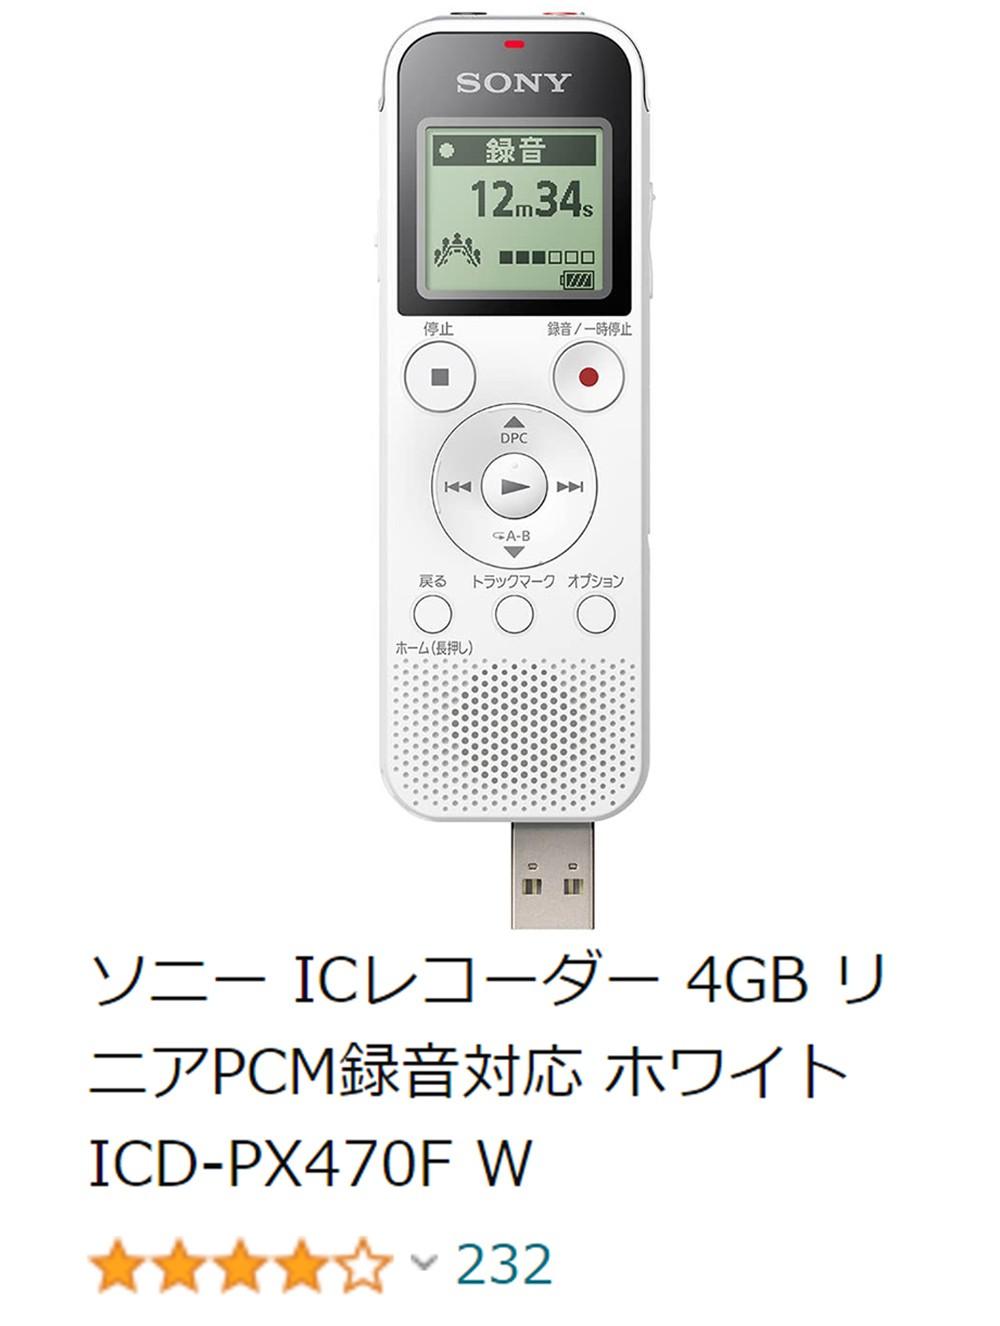 ソニーのICレコーダー